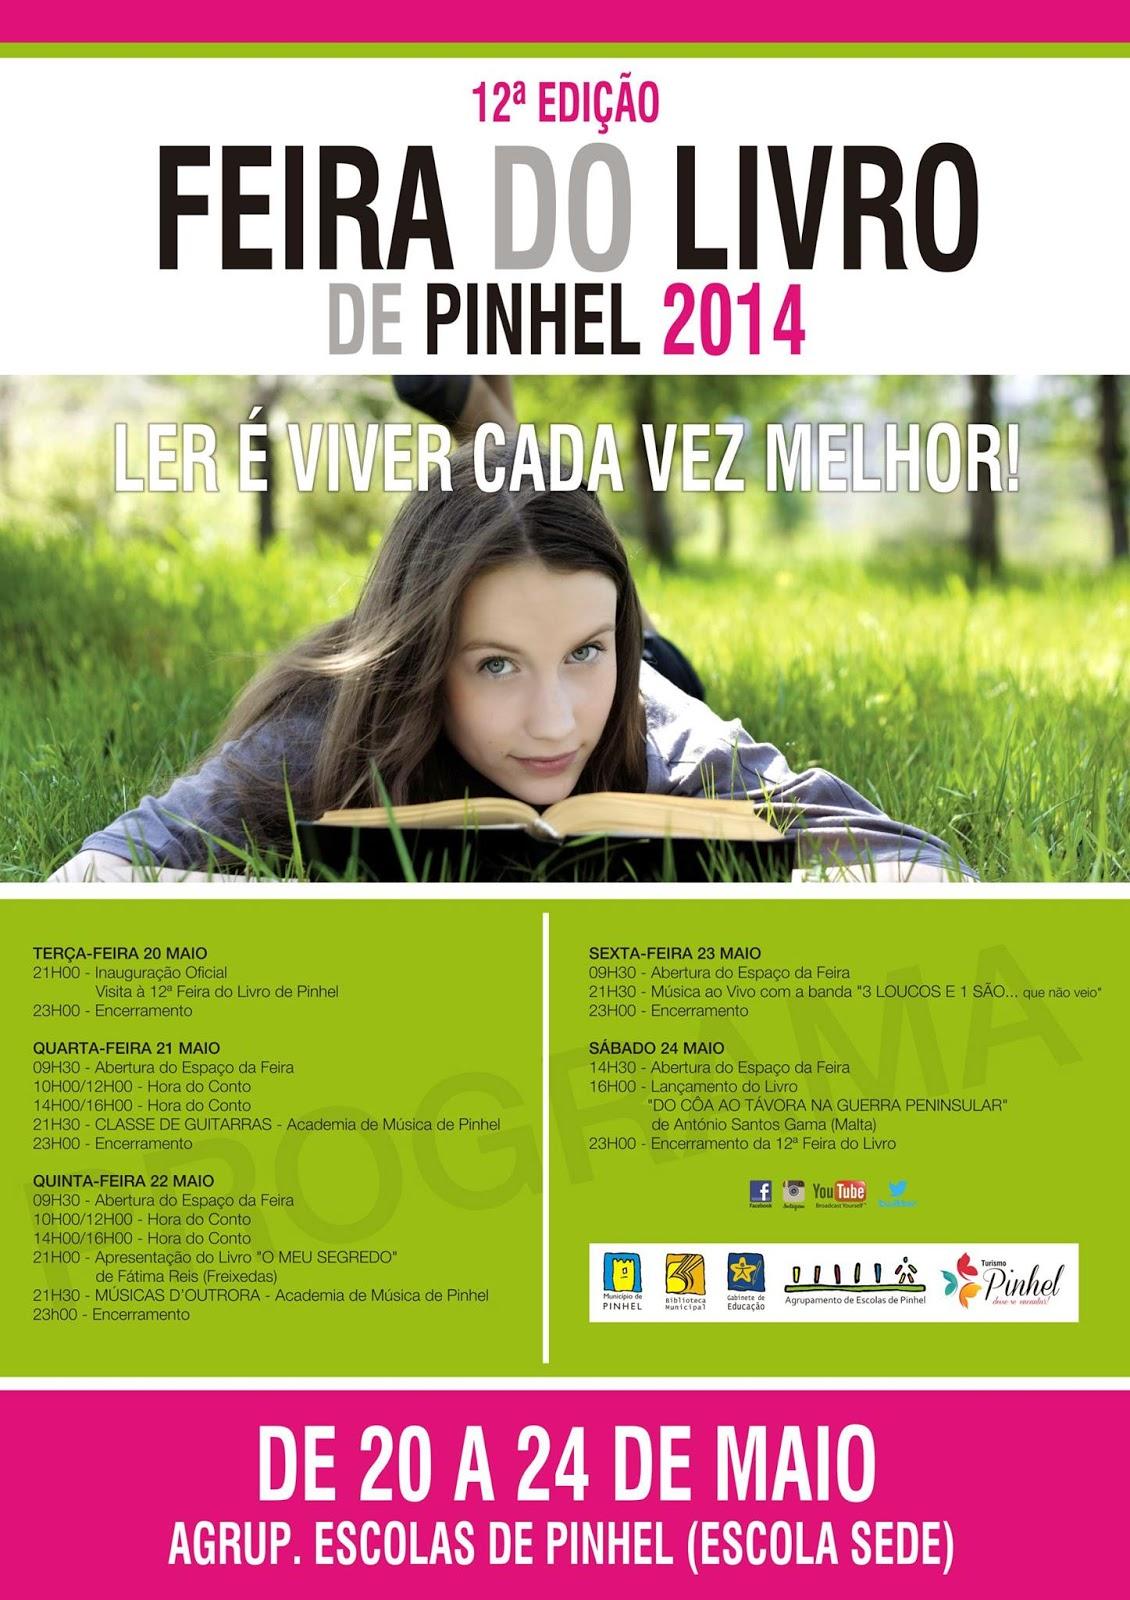 12.ª Edição Feira do Livro de Pinhel - Programa